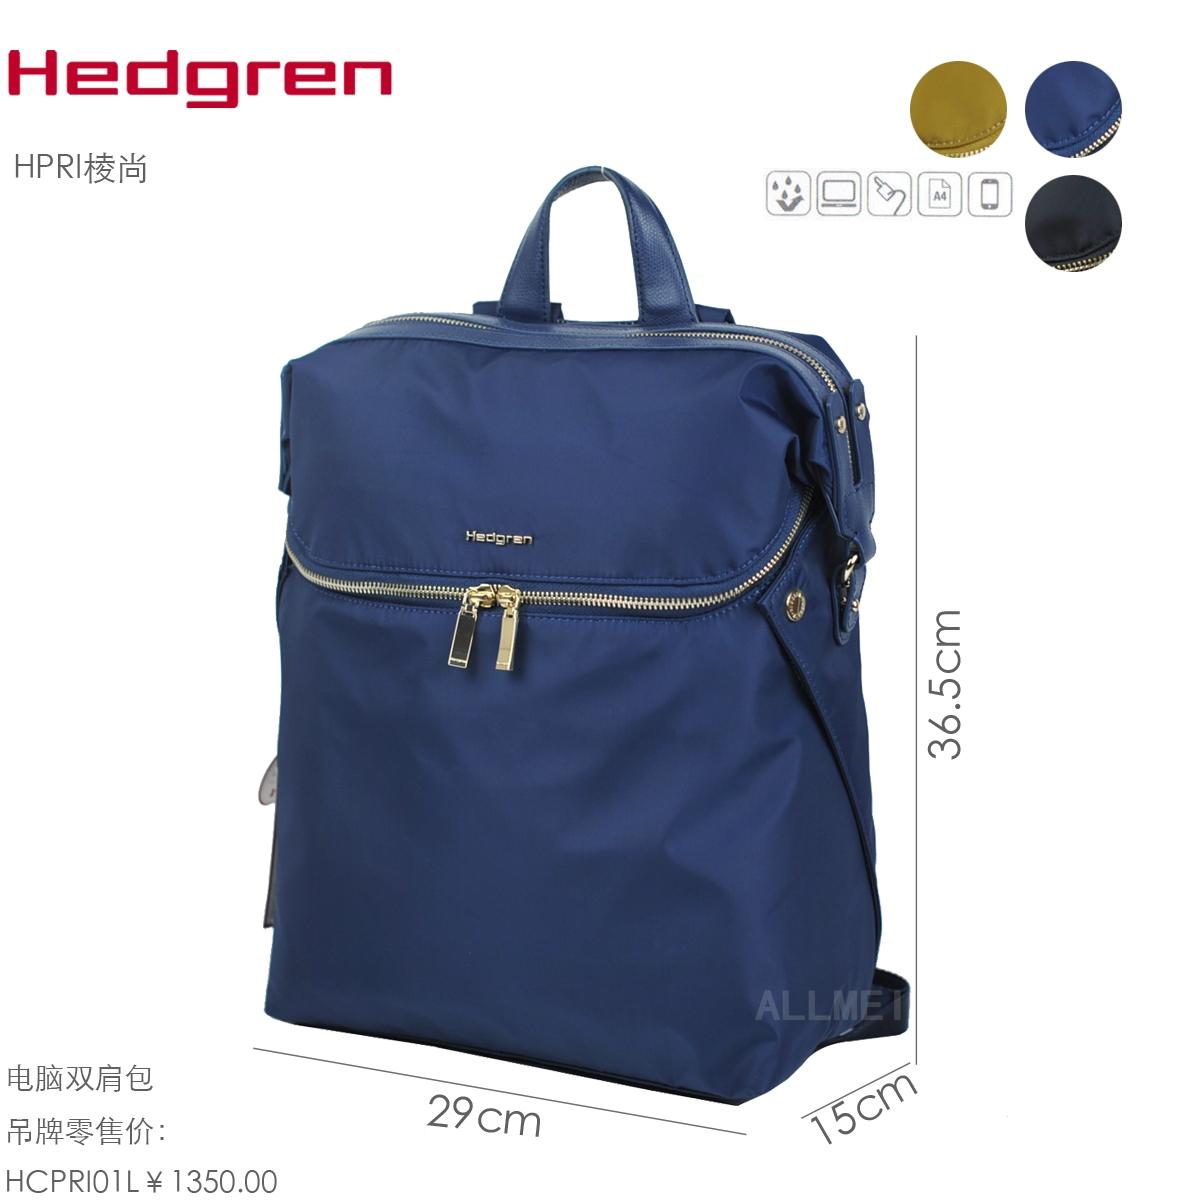 国内代购▲Hedgren海格林HPRI01L时尚商务电脑双肩包背包29*36cm